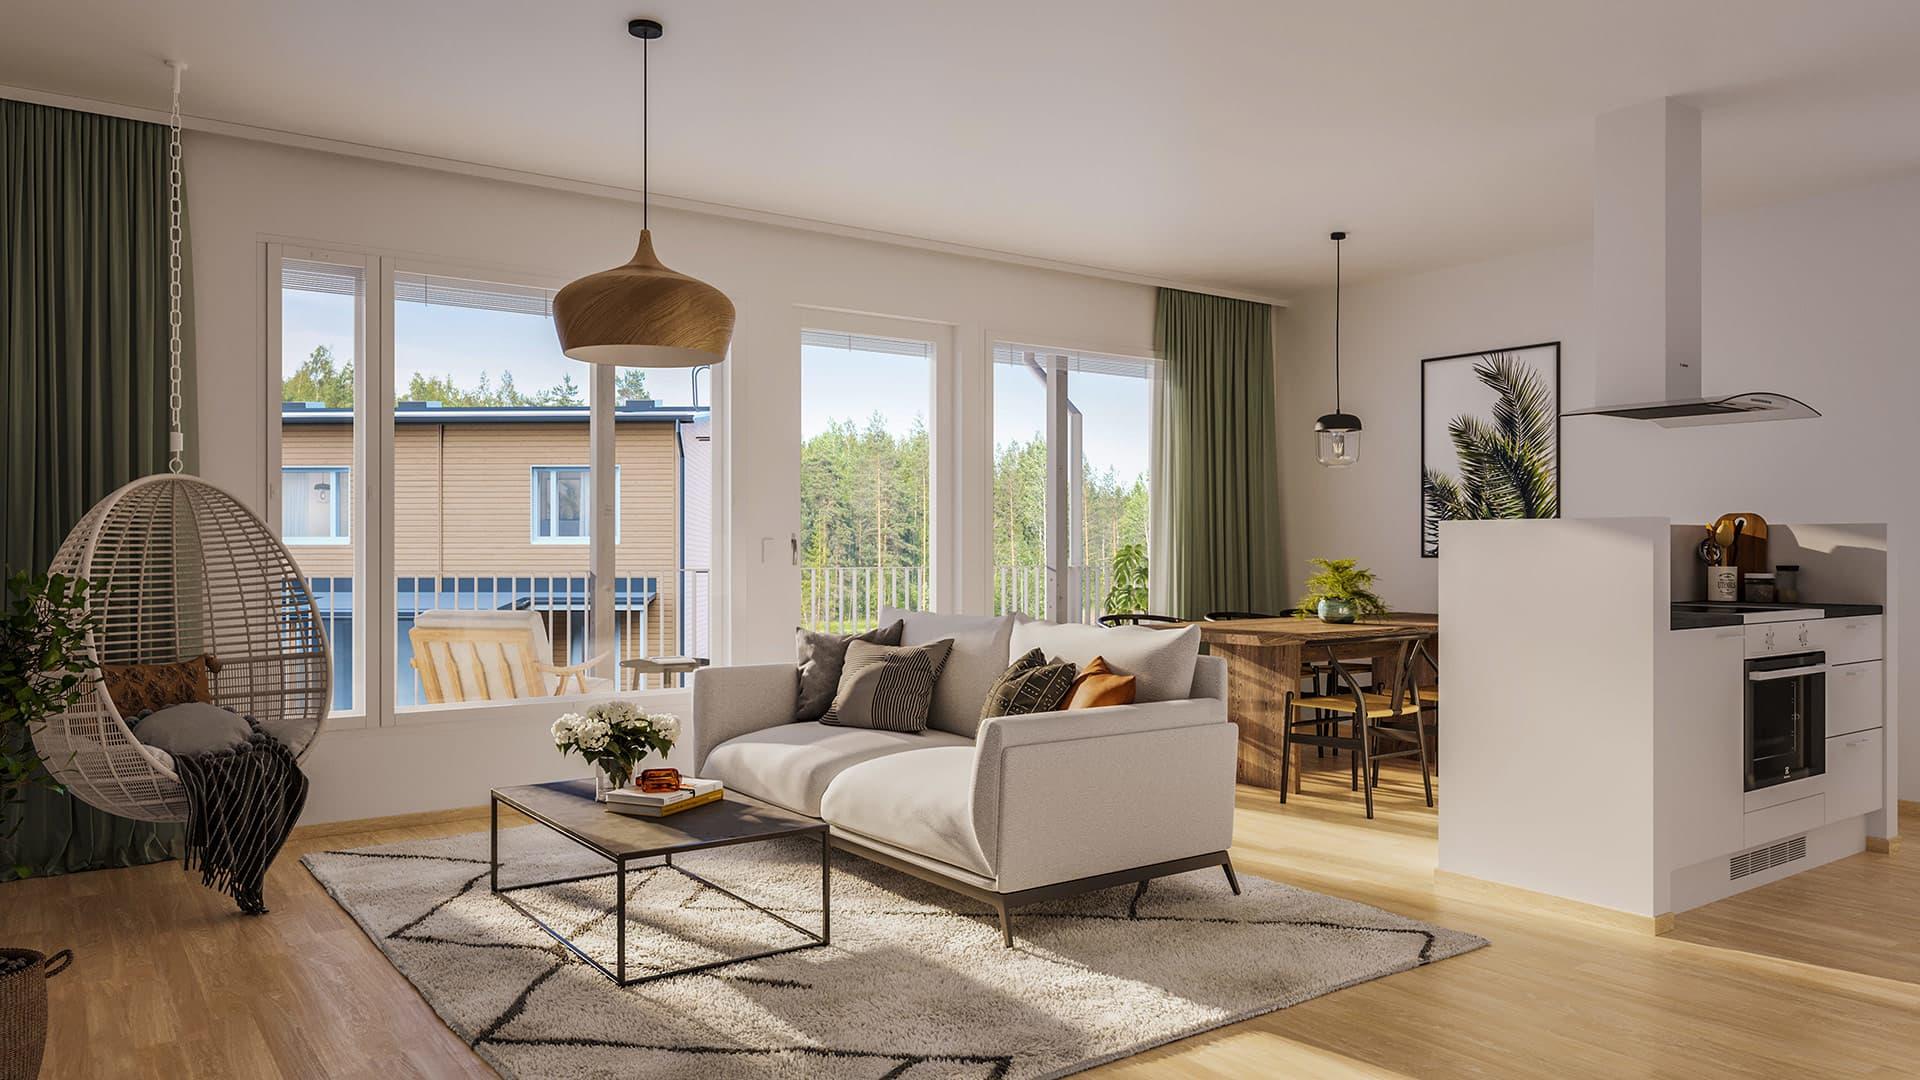 Suuntaa antava visualisointi Ylästössä sijaitsevasta Asunto Oy Vantaan Maalarista. YIT Koti.